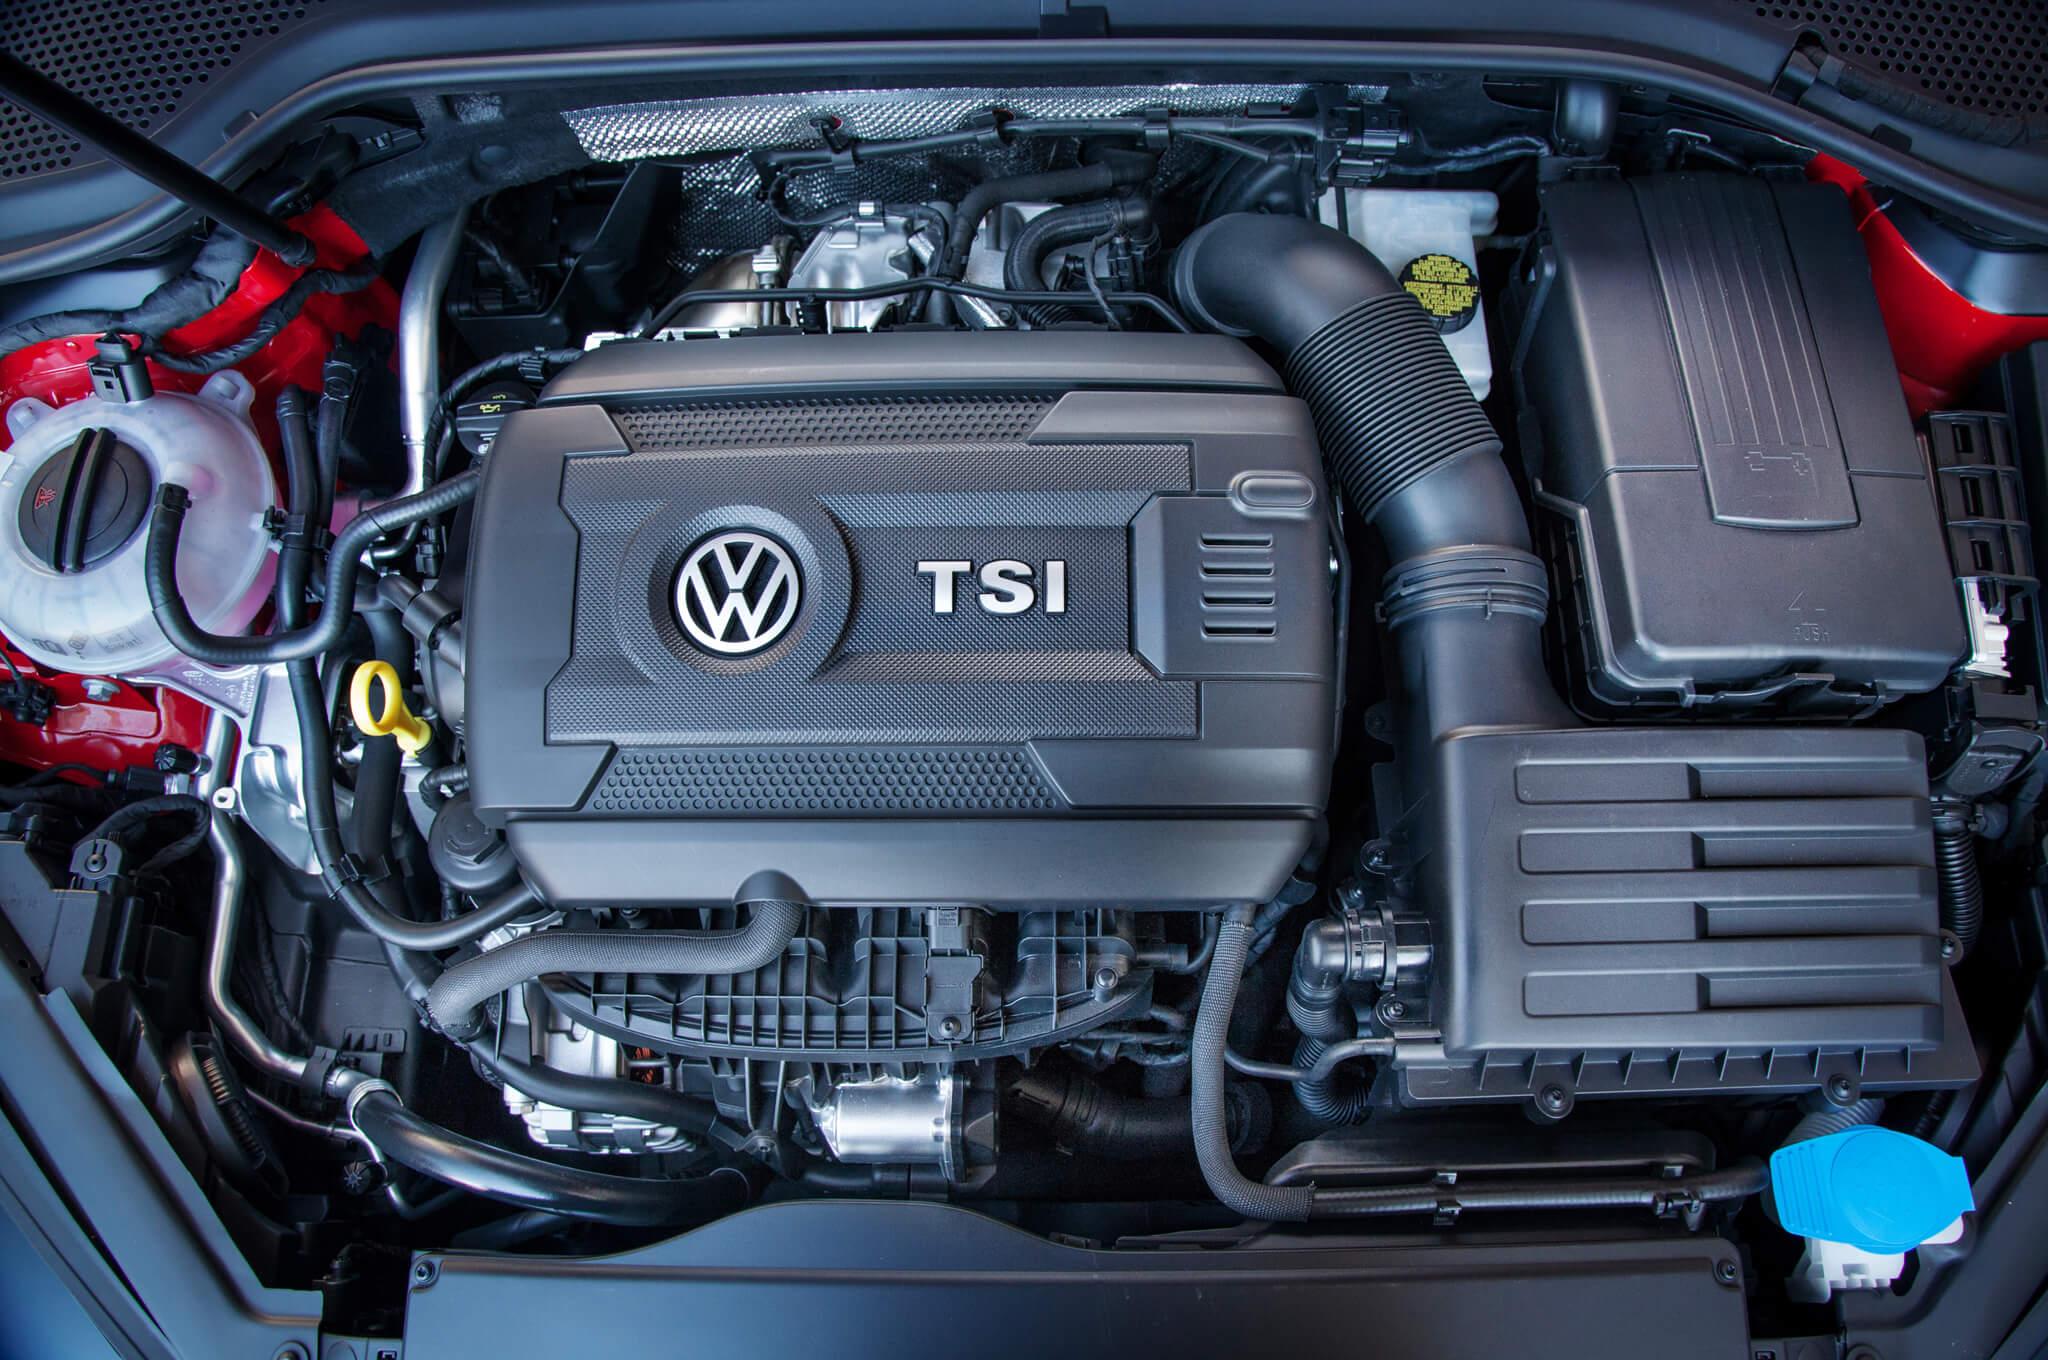 Czy silniki TSI rzeczywiście są tak złe?